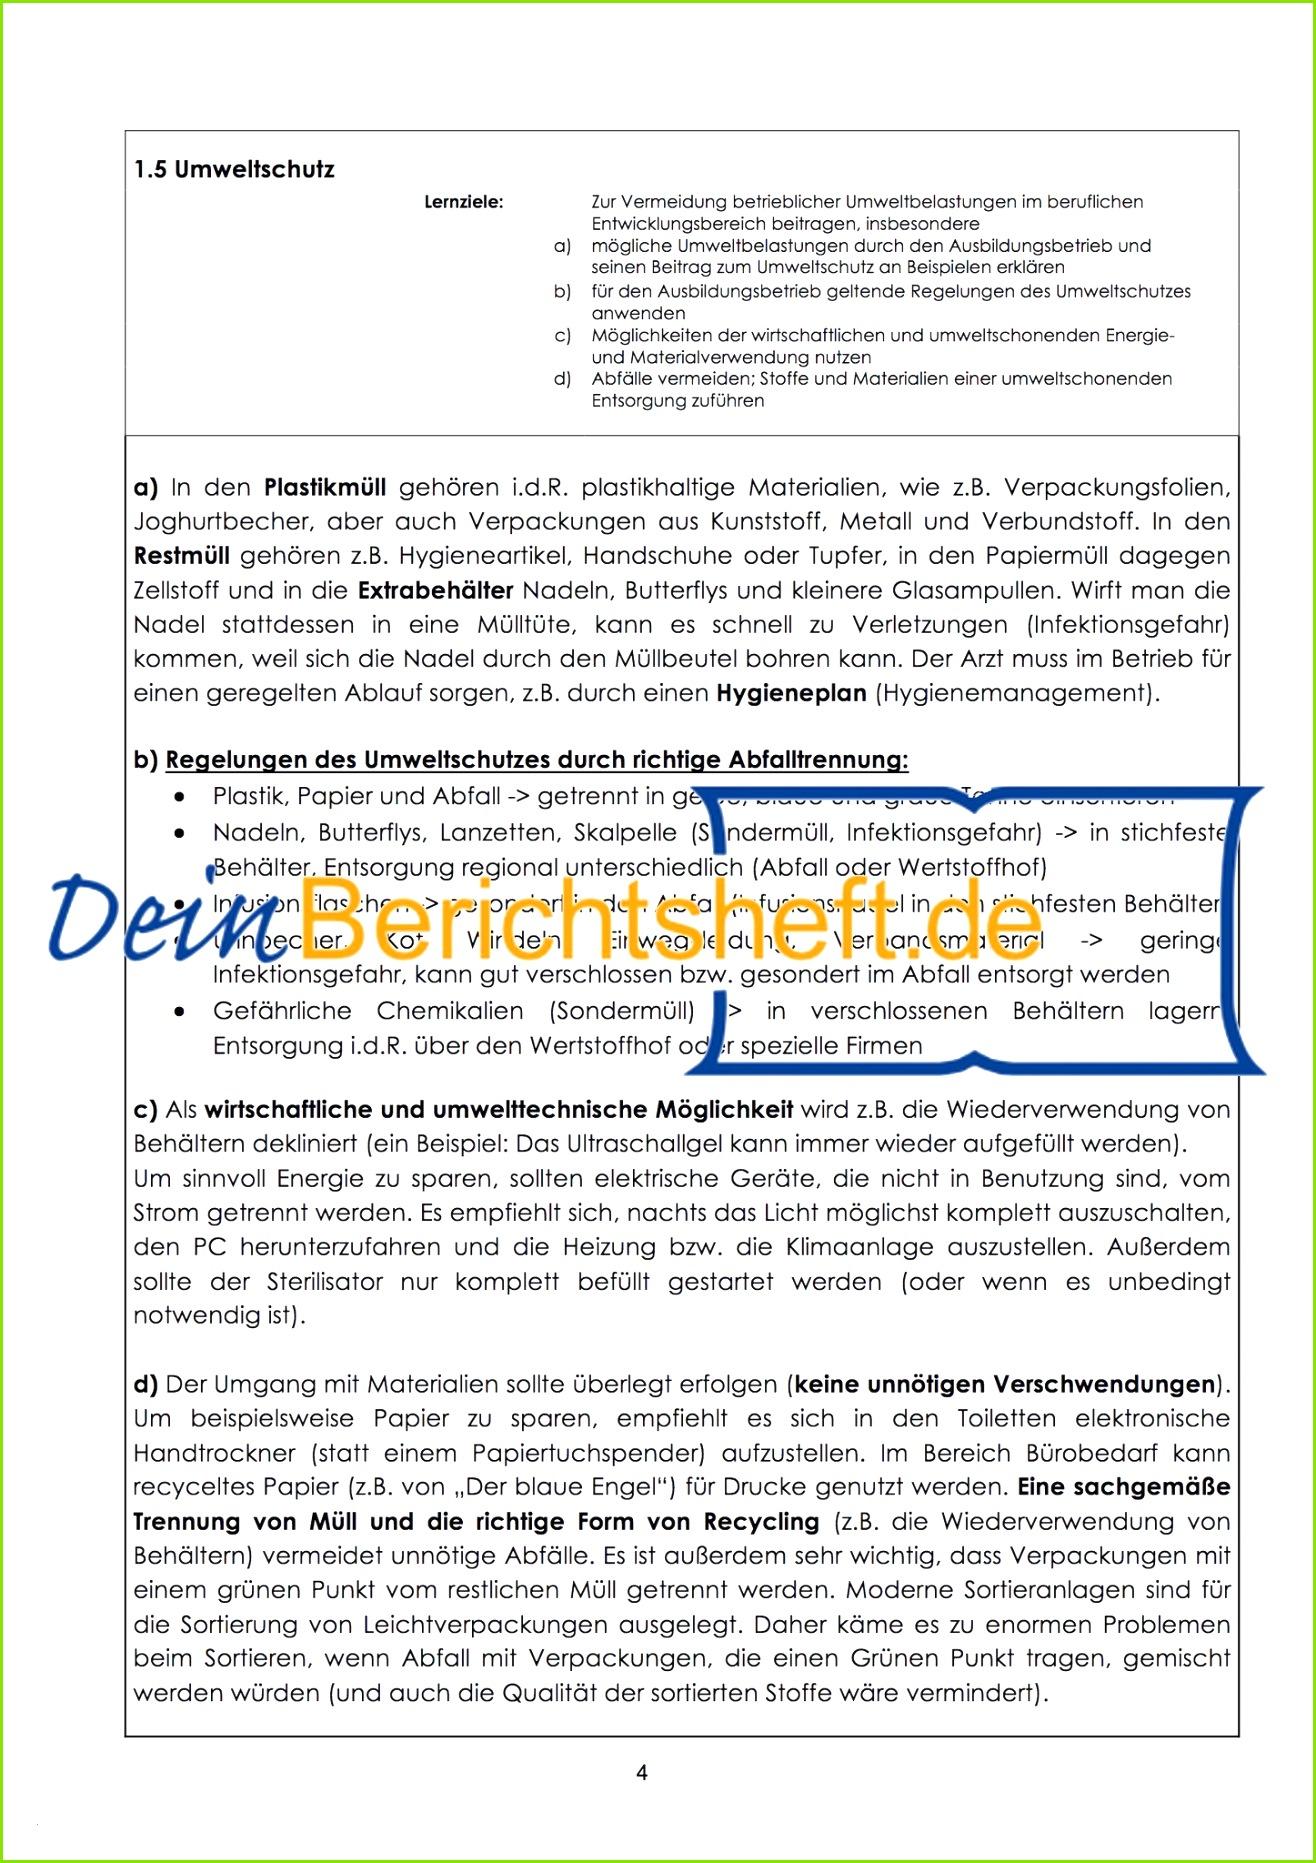 Berichtsheft Vorlage Einzelhandel Aufnahme – Berichtsheft Best Bewerbung Muster Einzelhandel